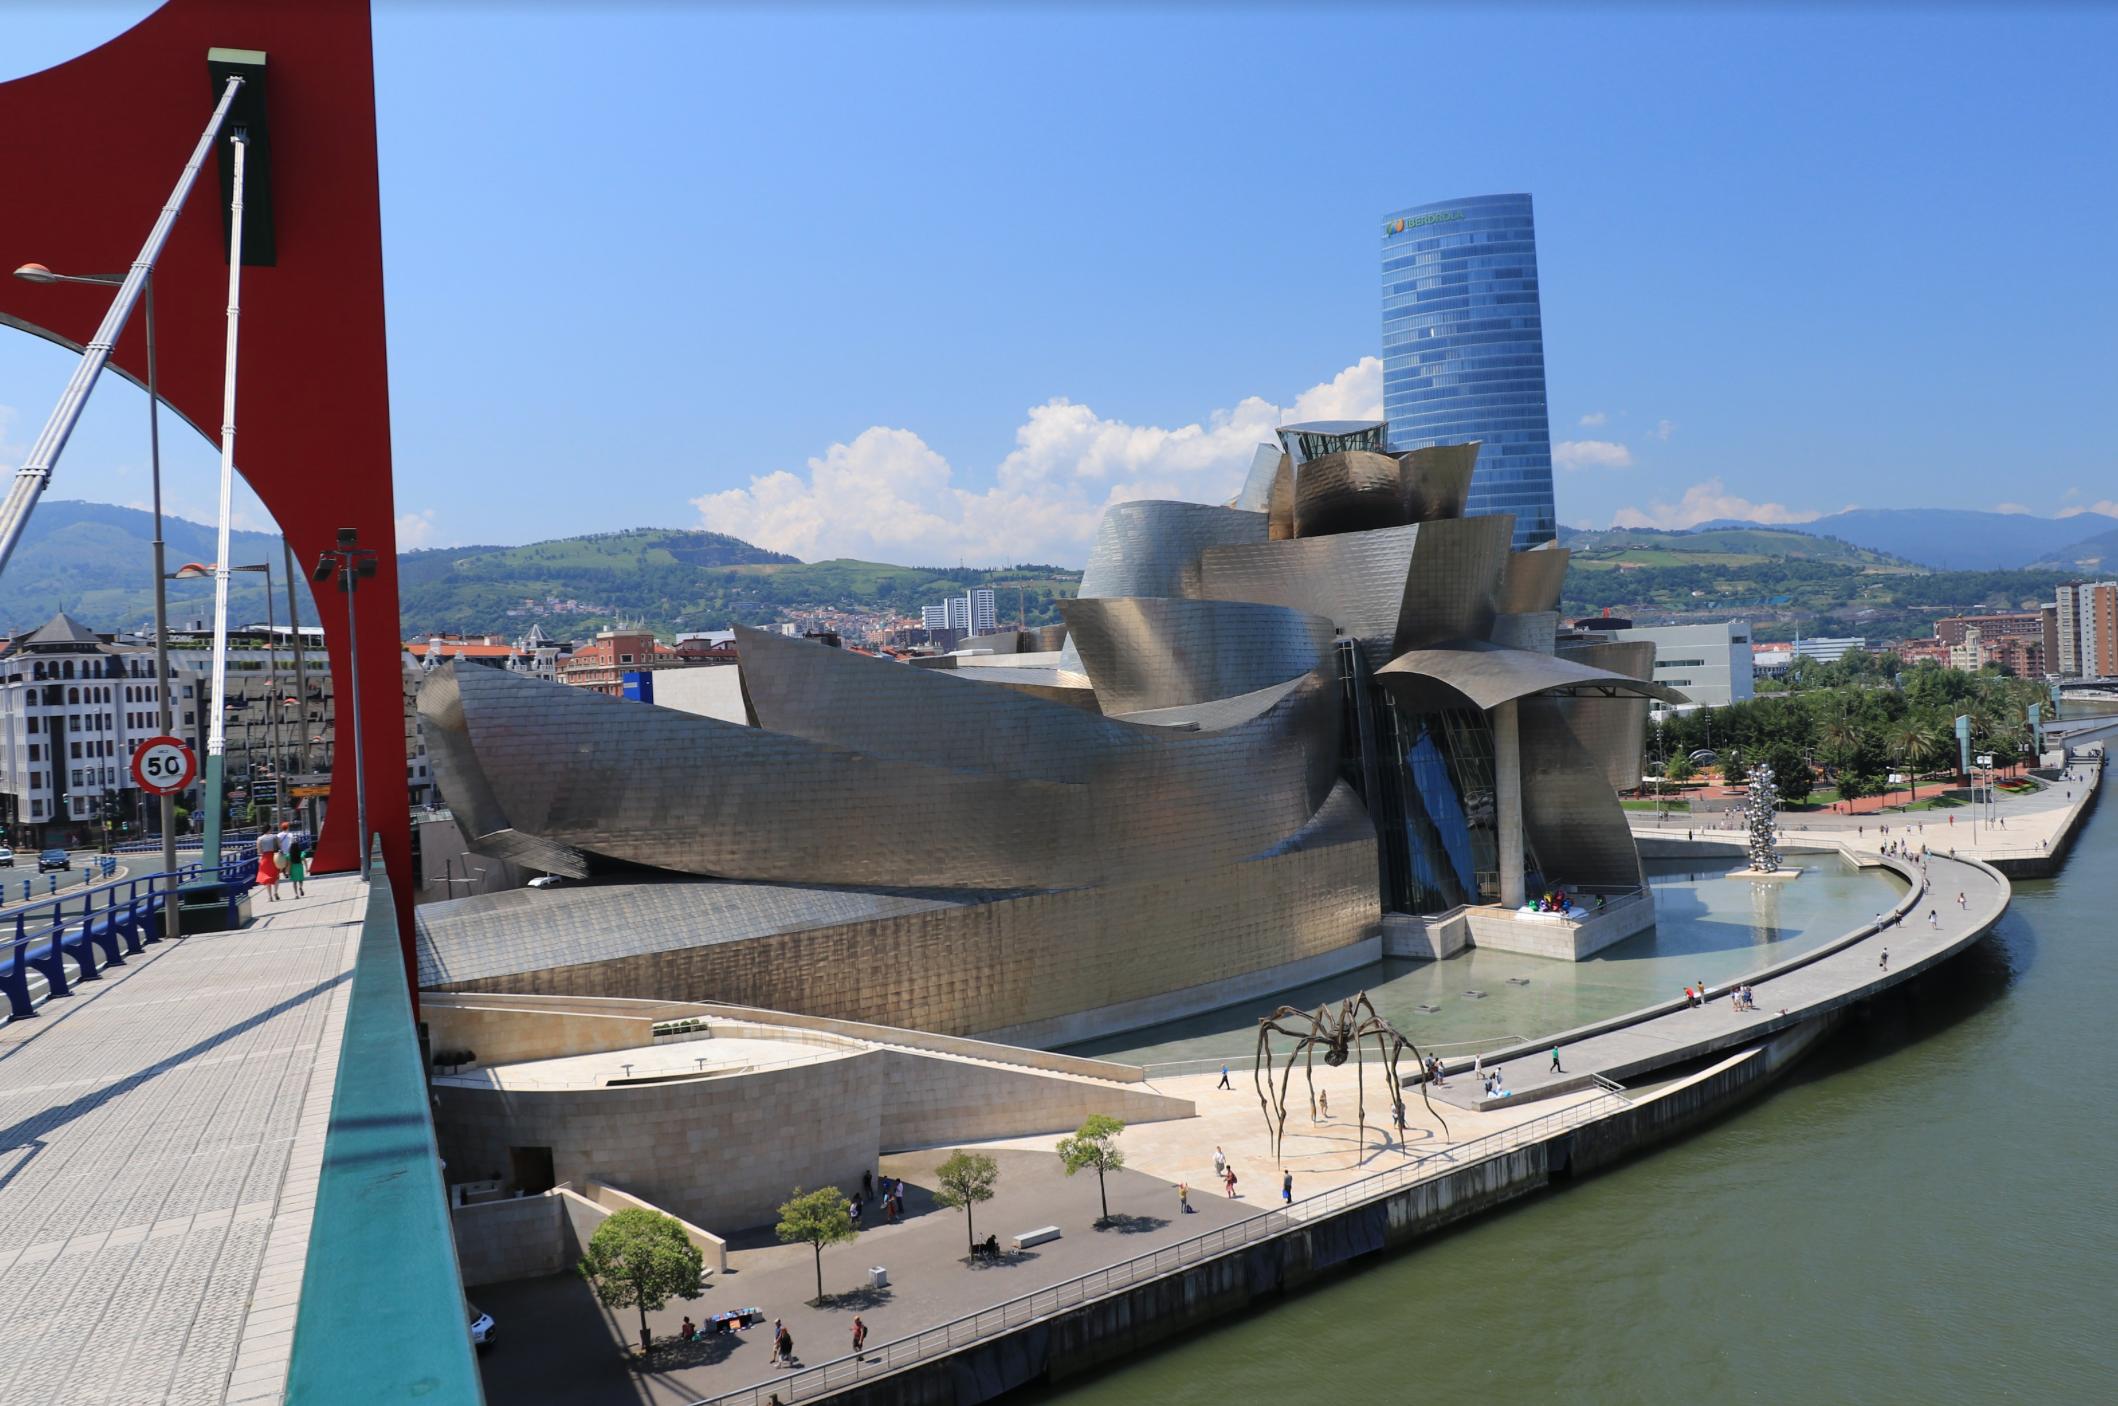 Bilbao Guggenheim view from the bridge